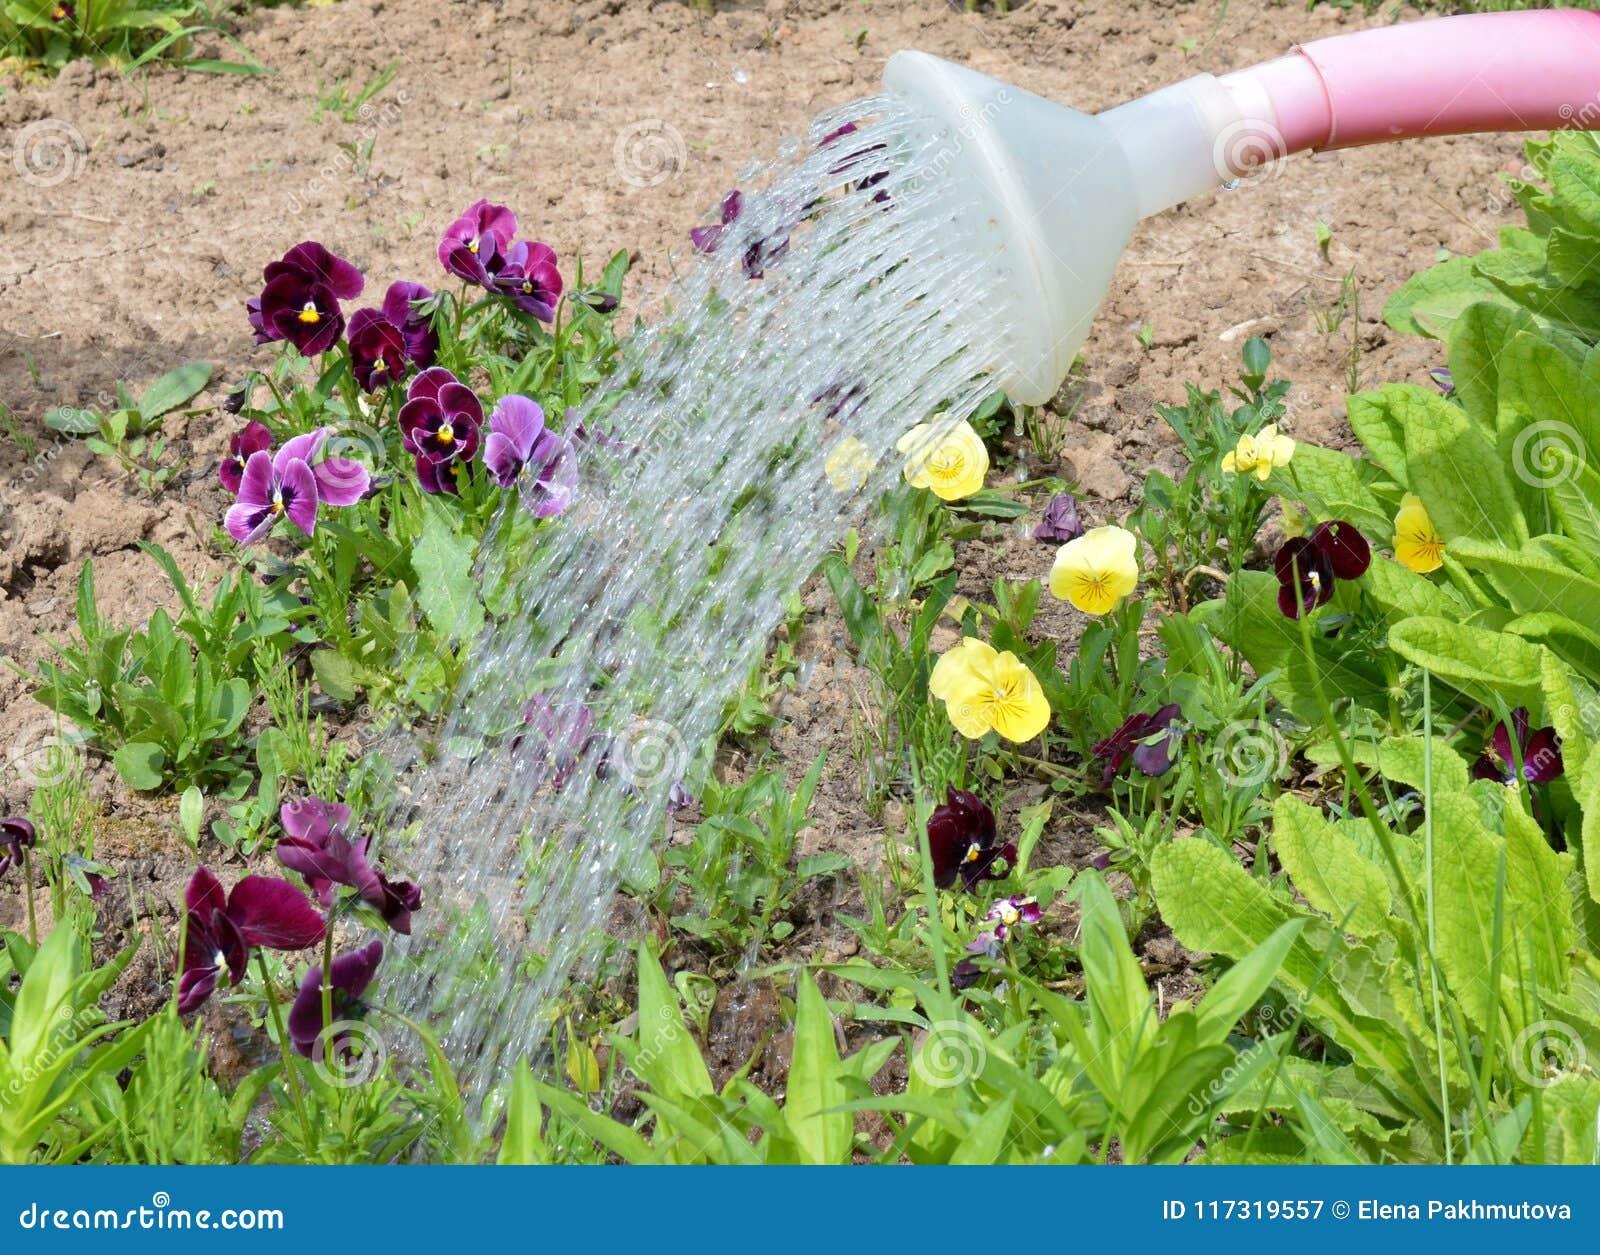 Garden Gardening Plant Flower Nature Watering Green Spring